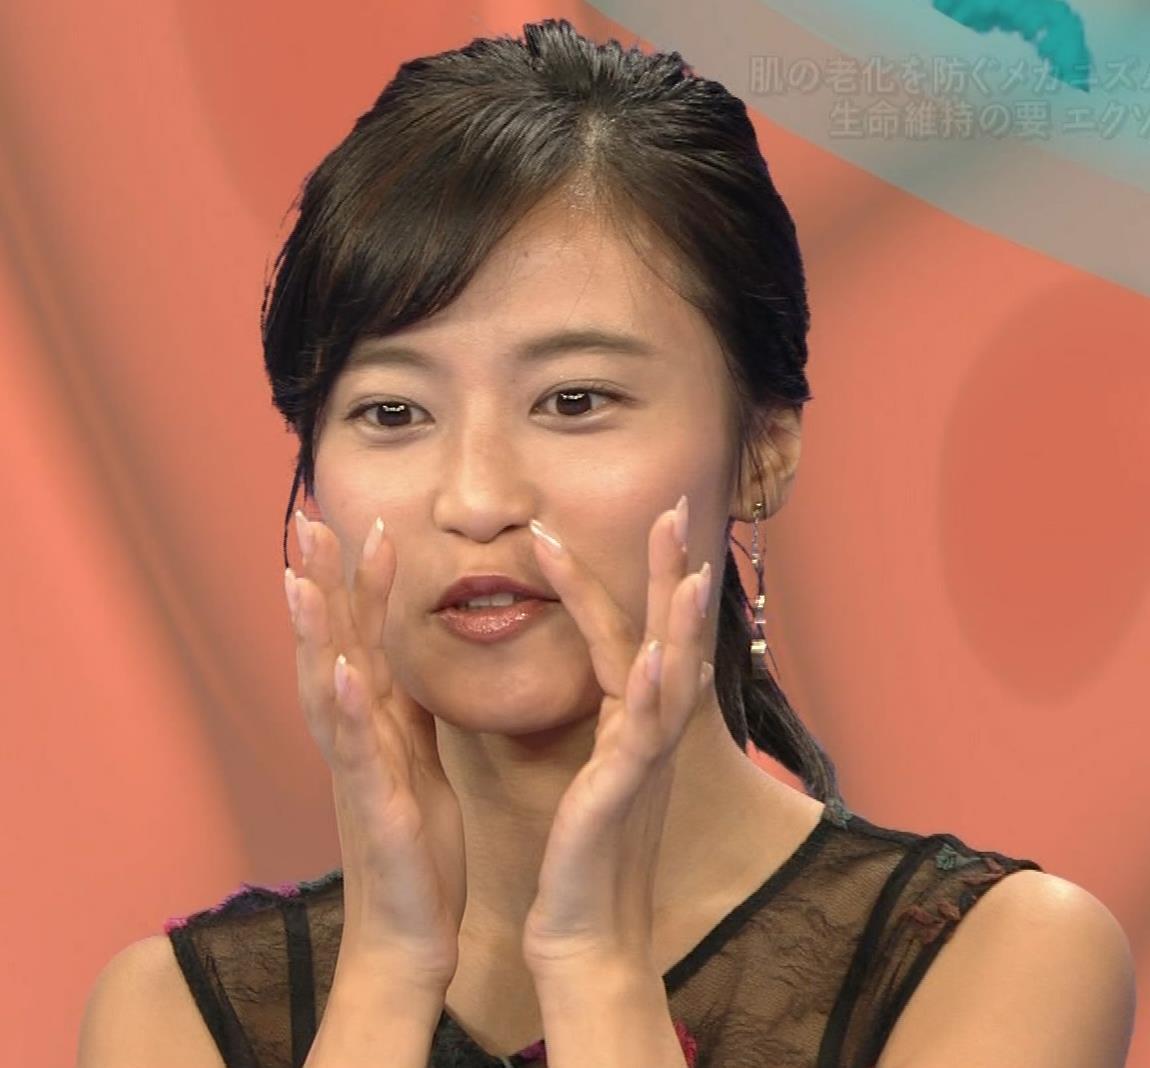 小島瑠璃子 透けノースリーブとかキャプ・エロ画像13